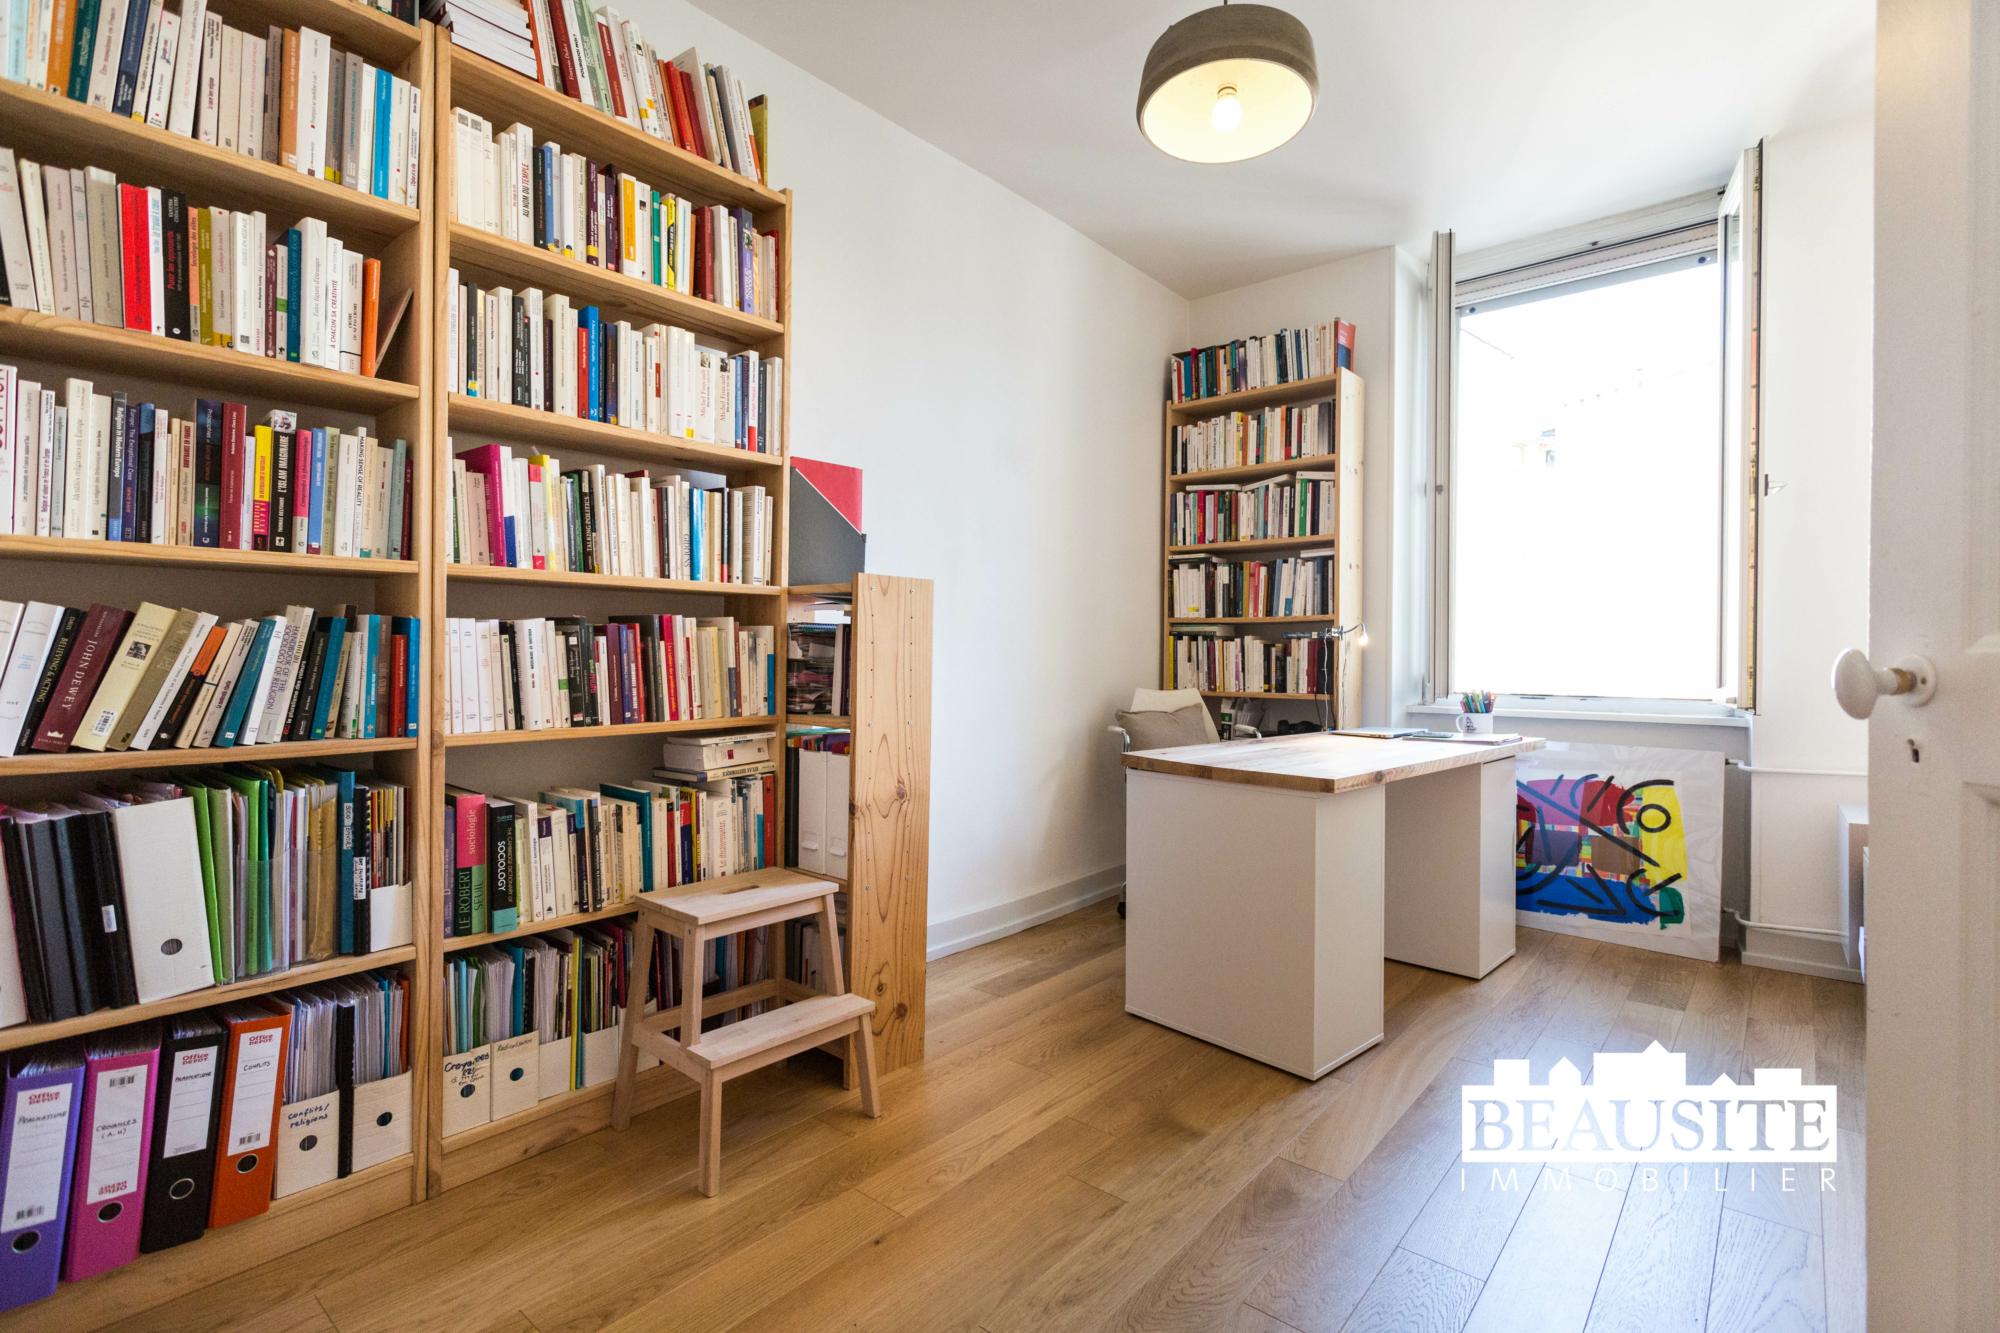 [Sobremesa] L'appartement 5 pièces chaleureux et convivial - Strasbourg / Boulevard du Président Poincaré - nos ventes - Beausite Immobilier 13